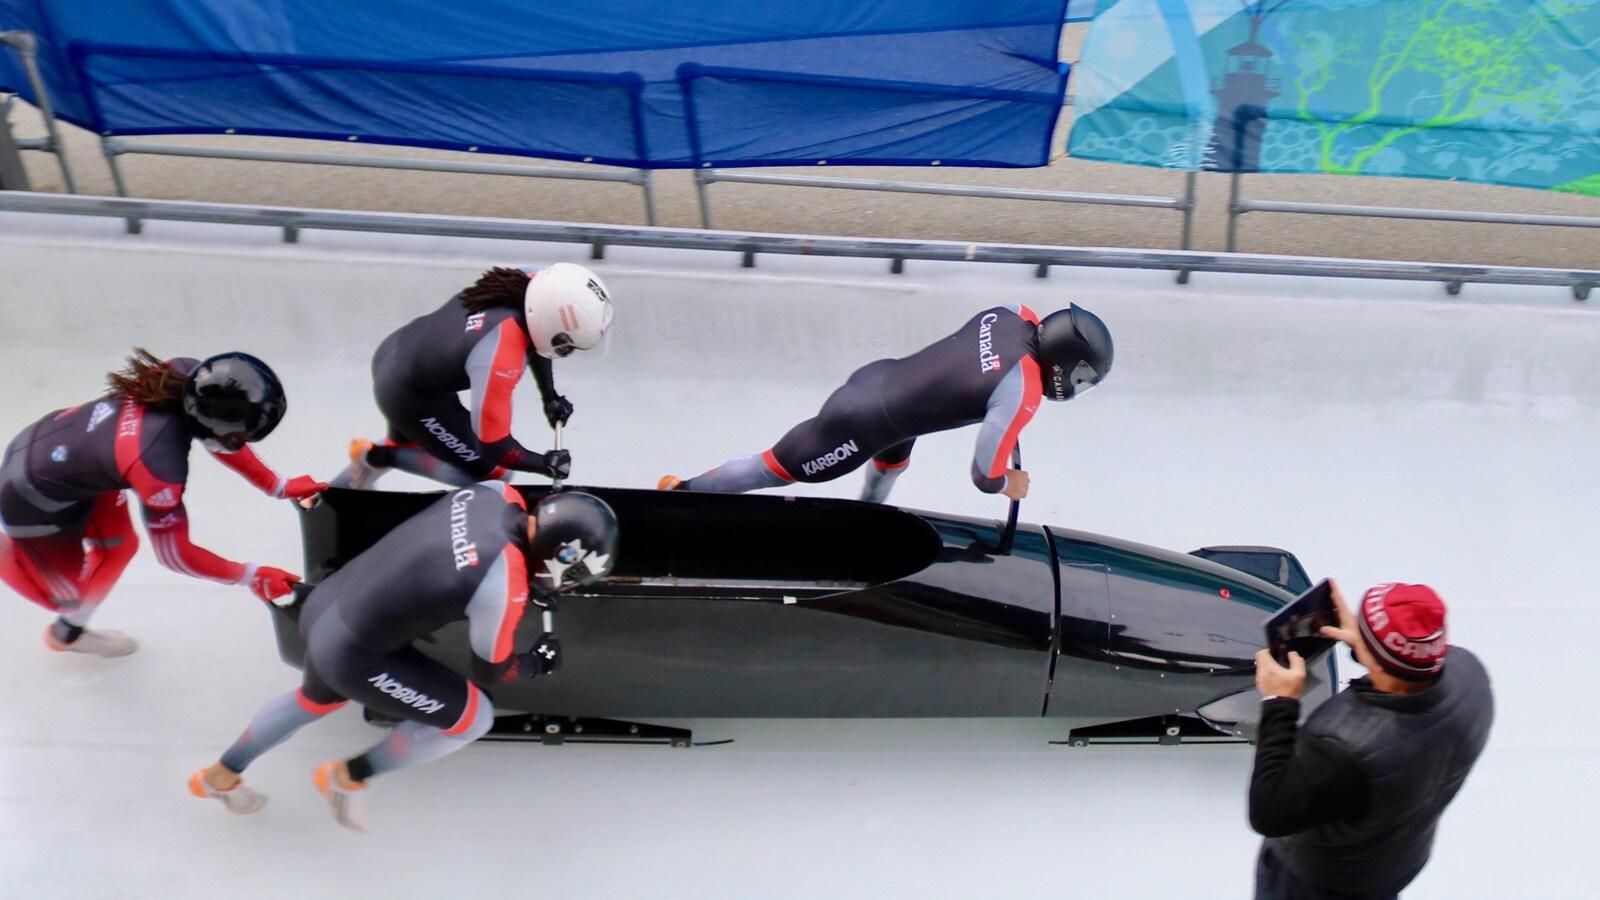 William Auclair de Québec, qui pousse à la droite du bob, a réussi son pari de se tailler un poste parmi l'équipe canadienne de bobsleigh.